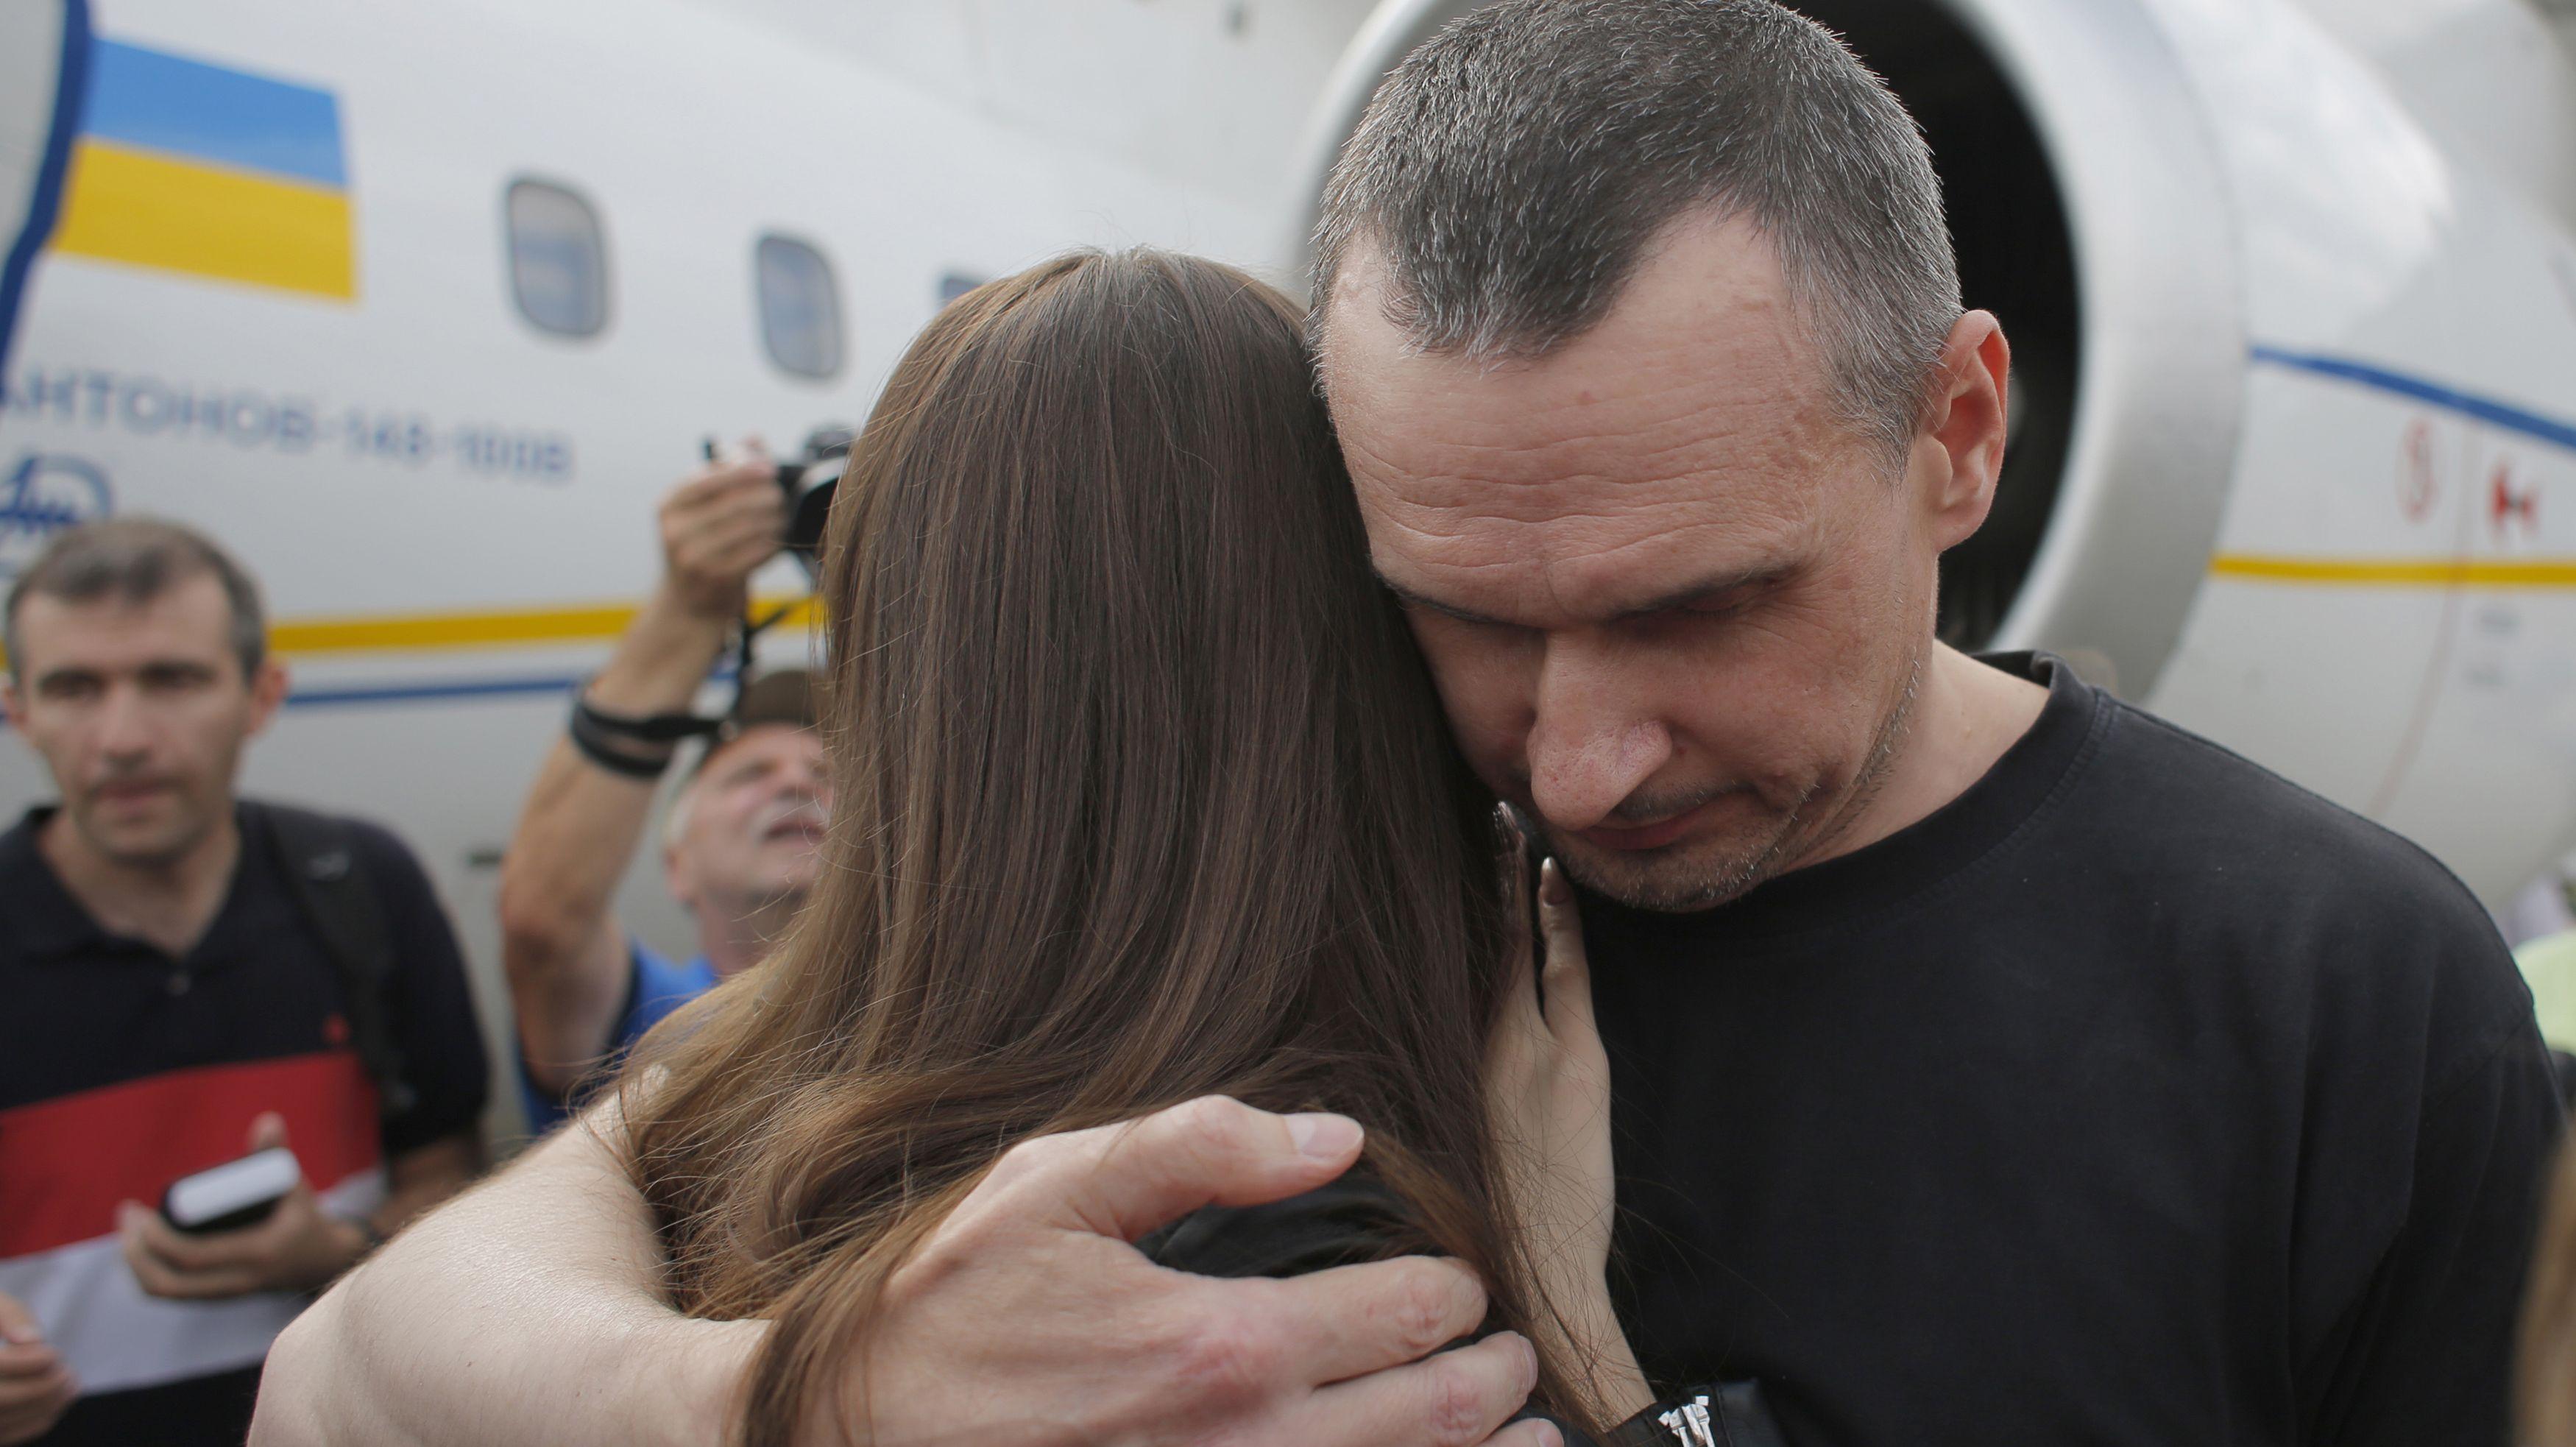 Auf diese Umarmung mussten sie fünf Jahre warten: Oleg Senzow und seine Tochter Alina